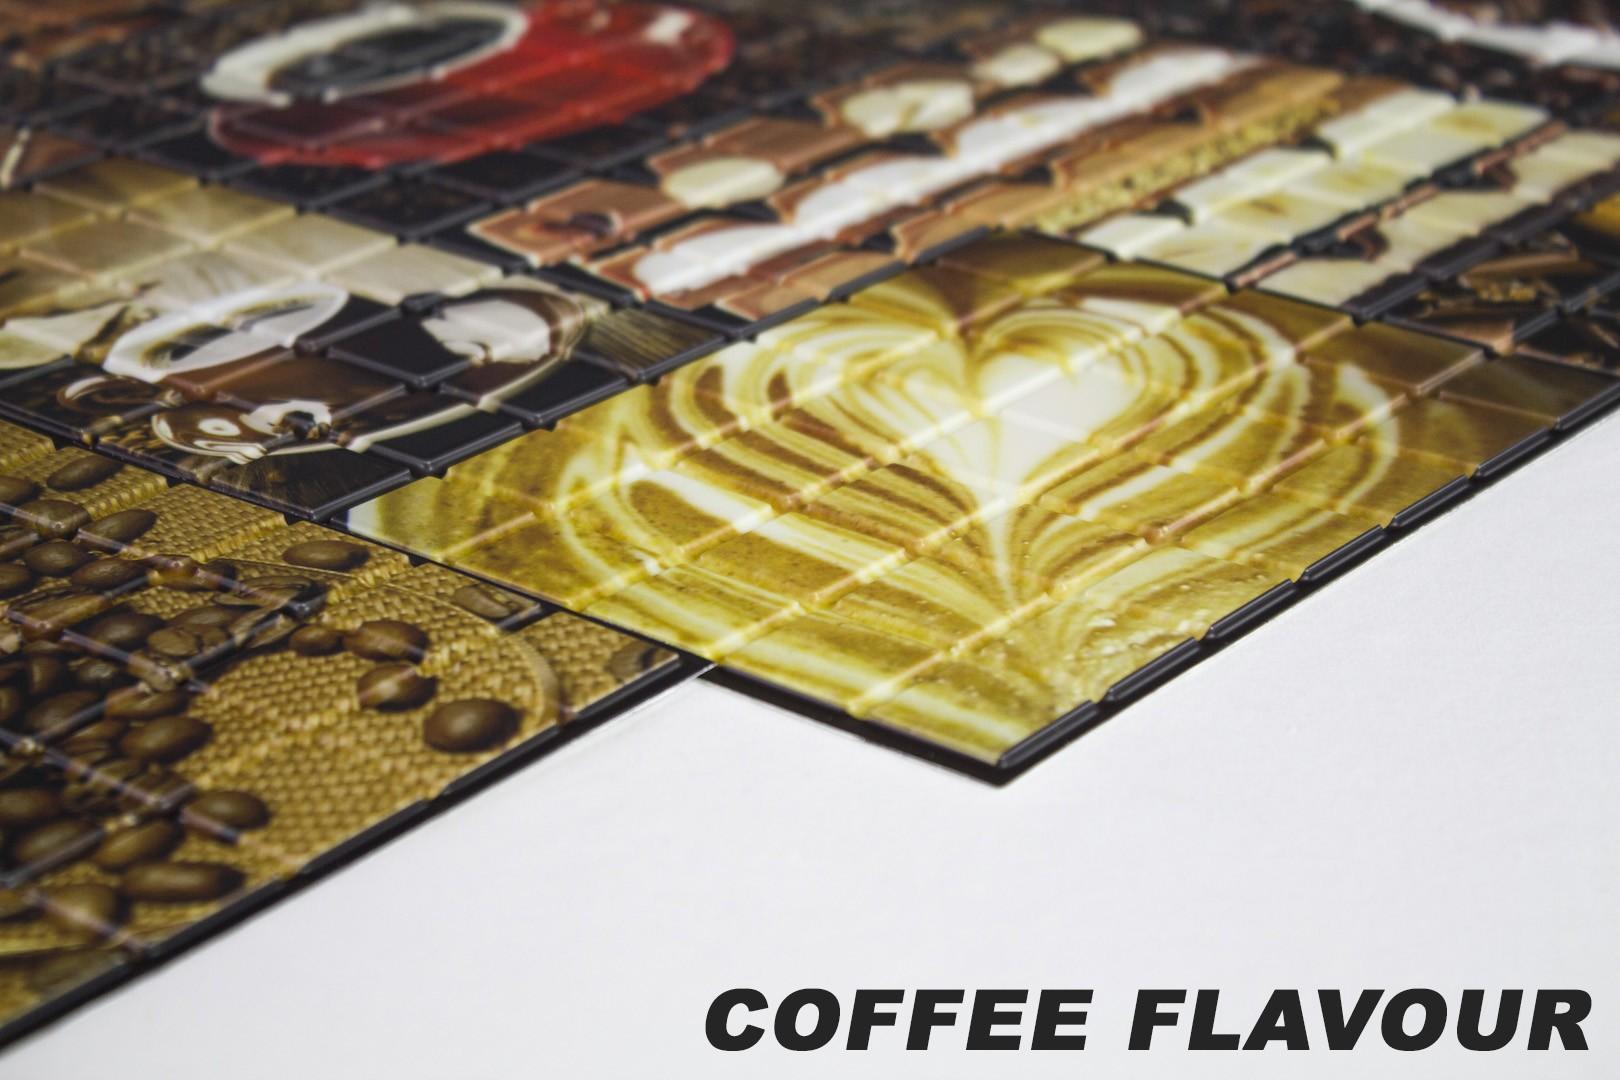 Coffee flavour originalbild 1